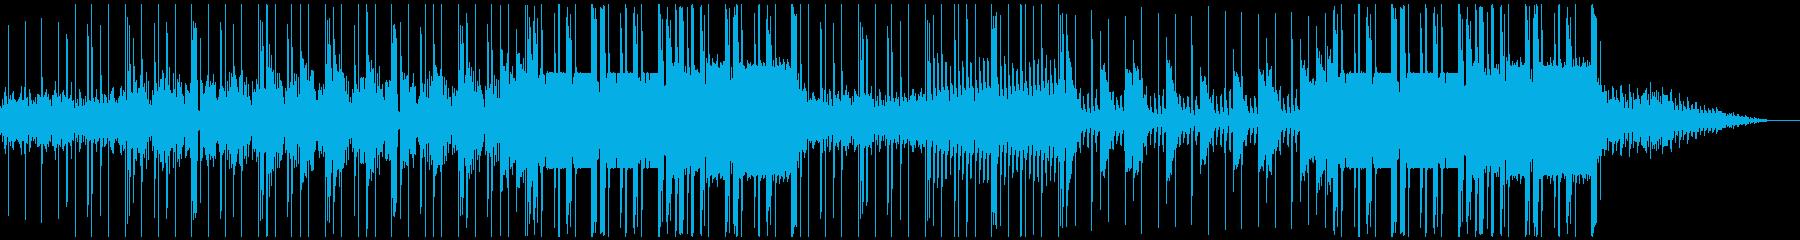 怪しく激しいヒップホップ(トラップ)の再生済みの波形